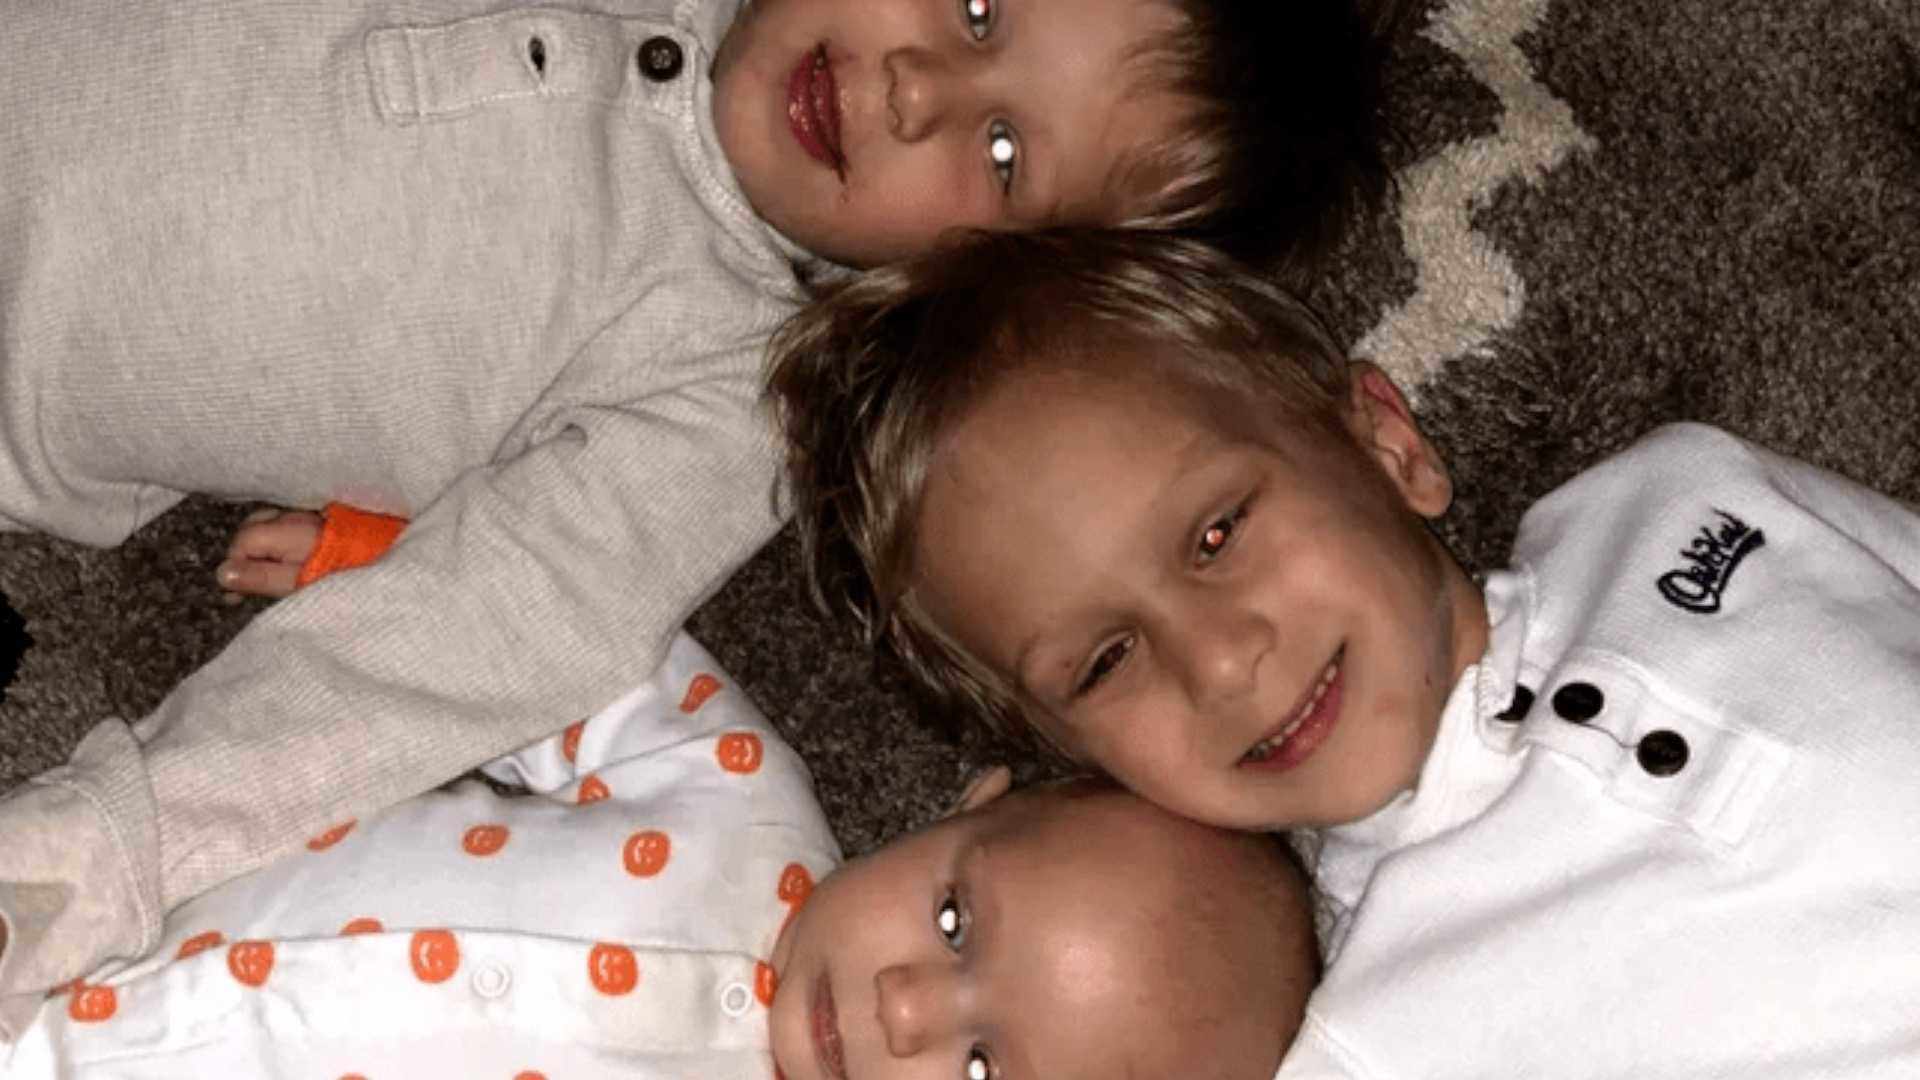 Bức ảnh chụp 3 cậu bé có chung một đặc điểm nhưng đó lại là dấu hiệu ung thư - Ảnh 1